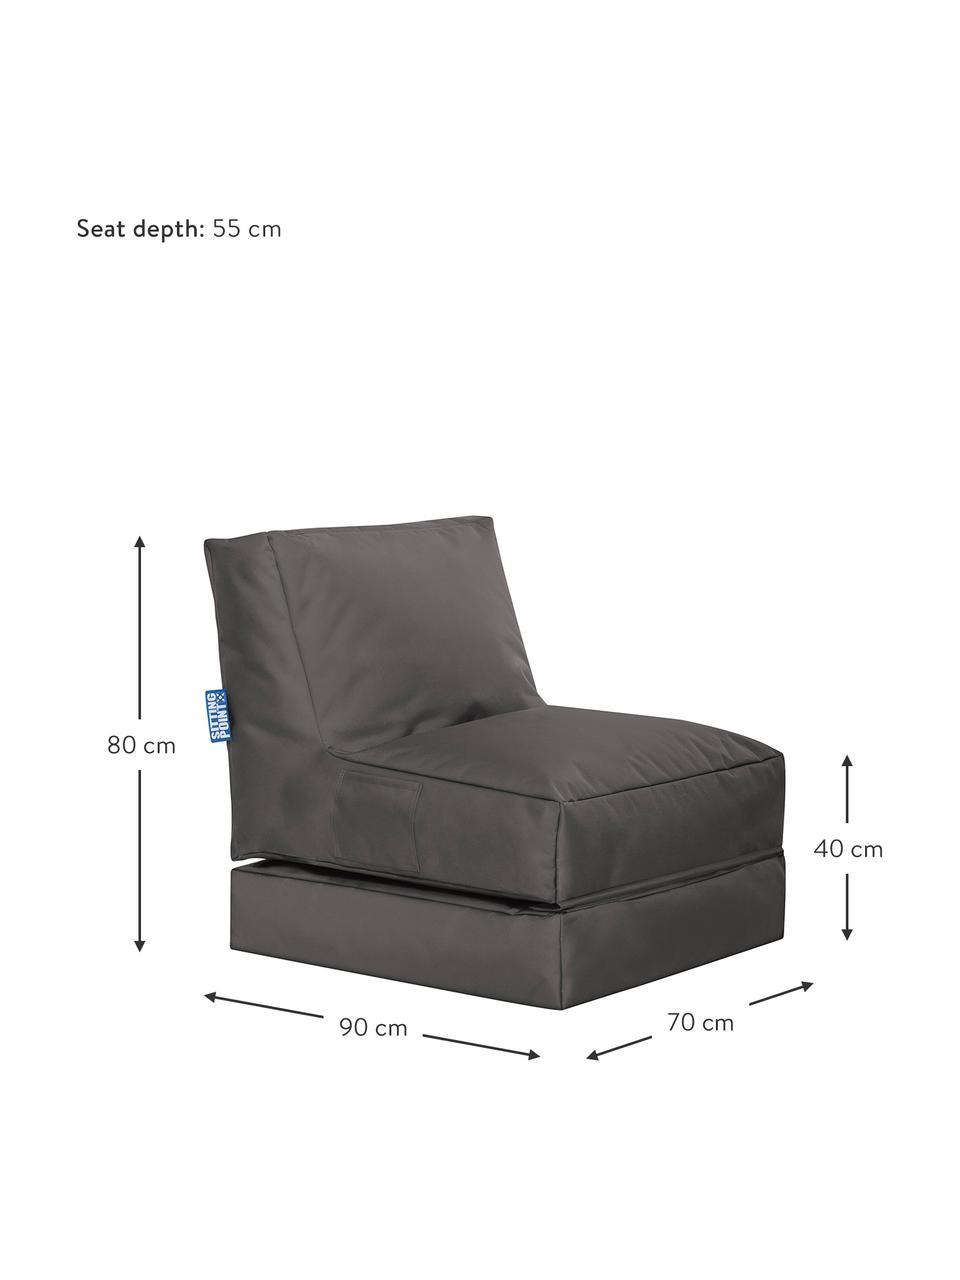 Garten-Loungesessel Pop Up mit Liegefunktion, Bezug: 100% Polyester Innenseite, Anthrazit, B 70 x T 90 cm